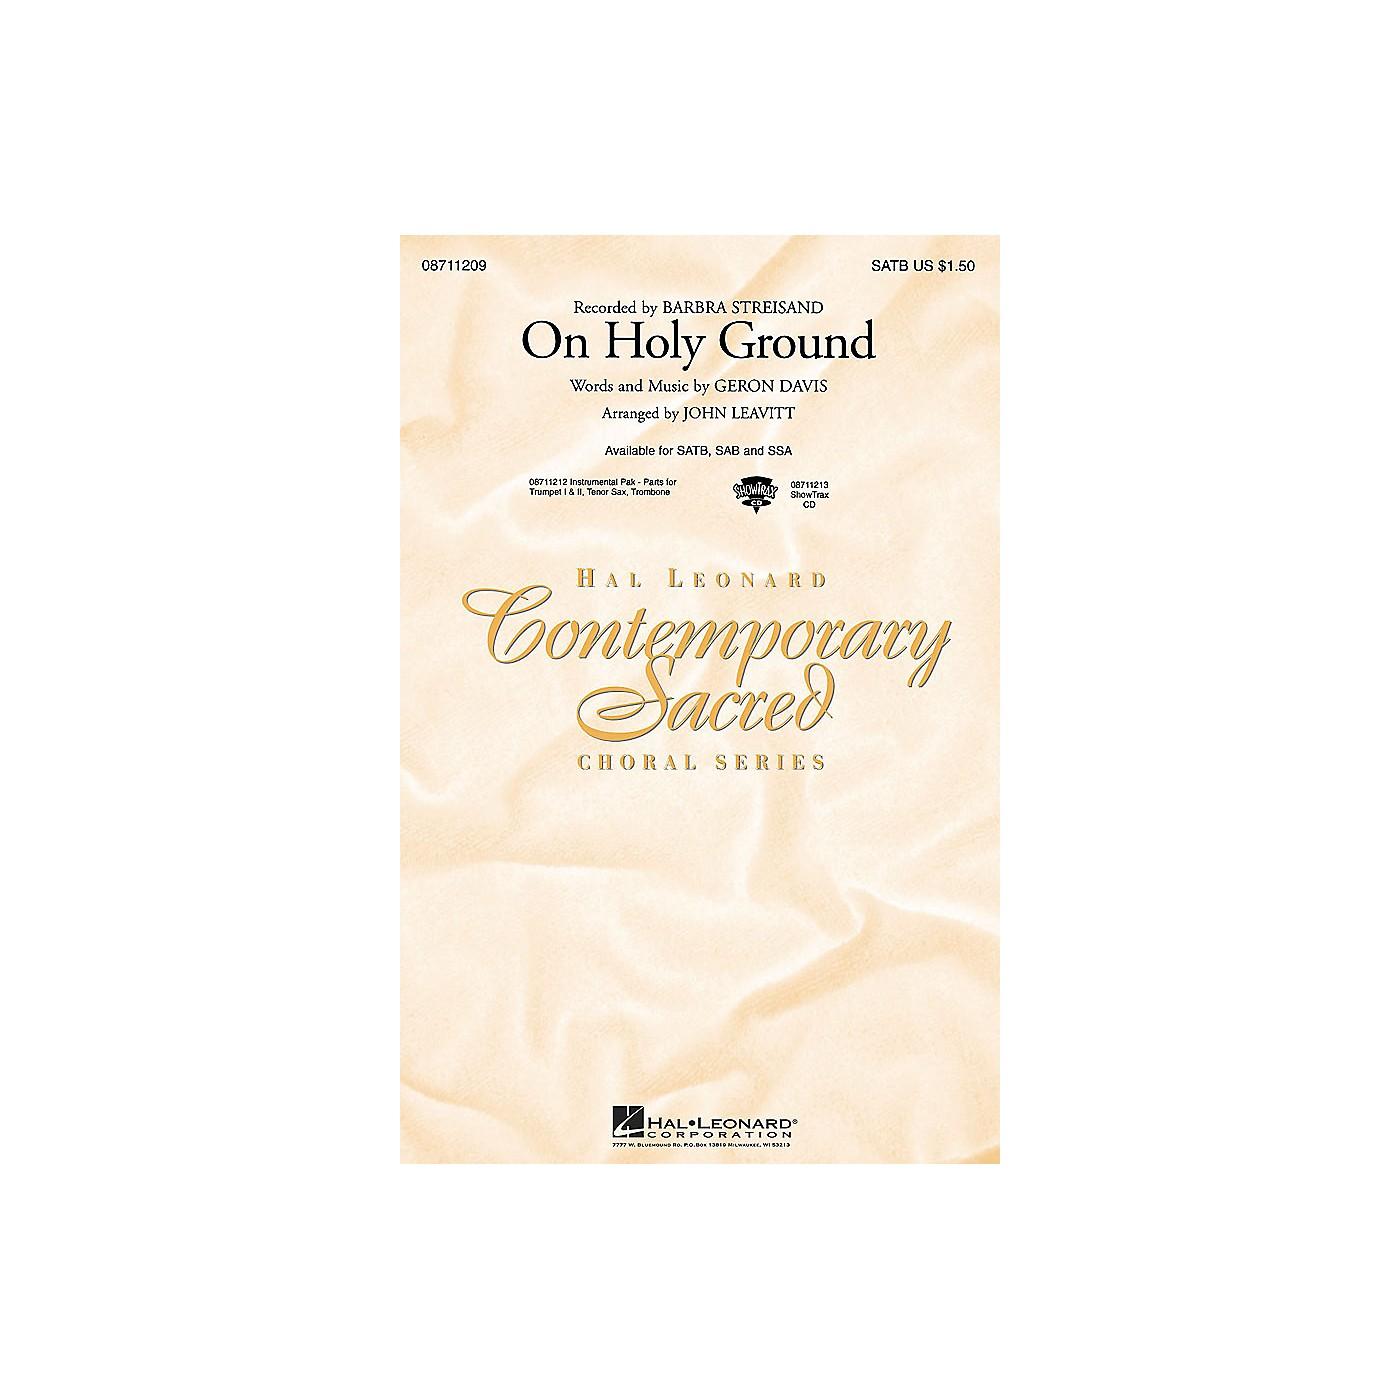 Hal Leonard On Holy Ground SSA by Barbra Streisand Arranged by John Leavitt thumbnail